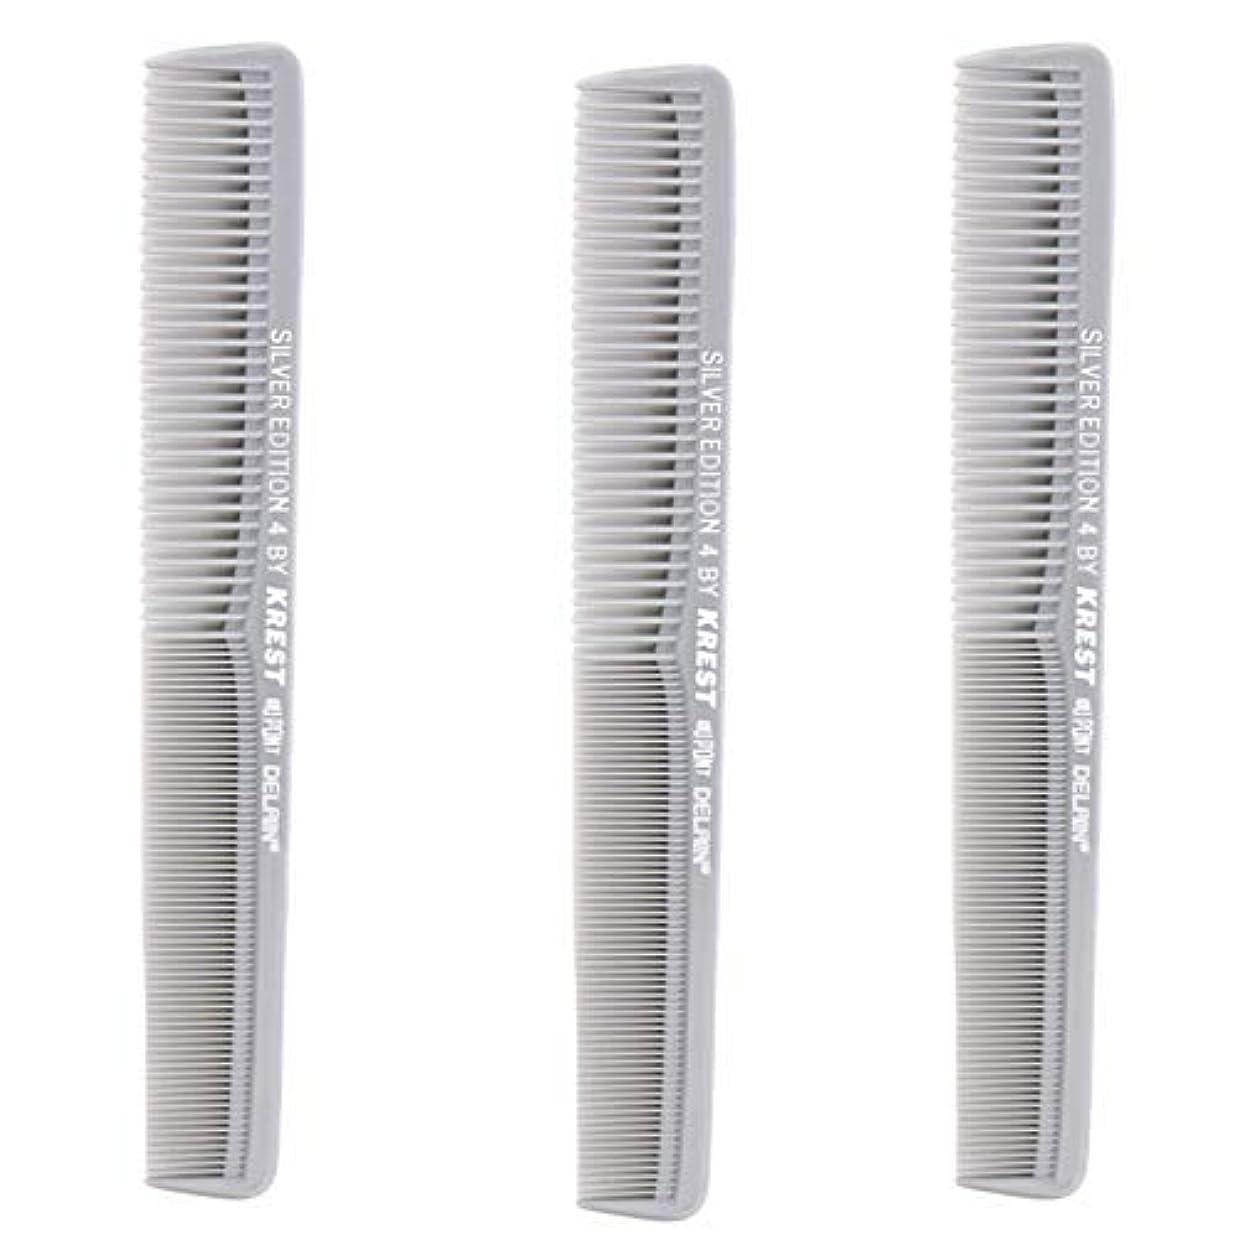 キャリア涙Krest Comb 7 In. Silver Edition Heat Resistant All Purpose Hair Comb Model #4 [並行輸入品]